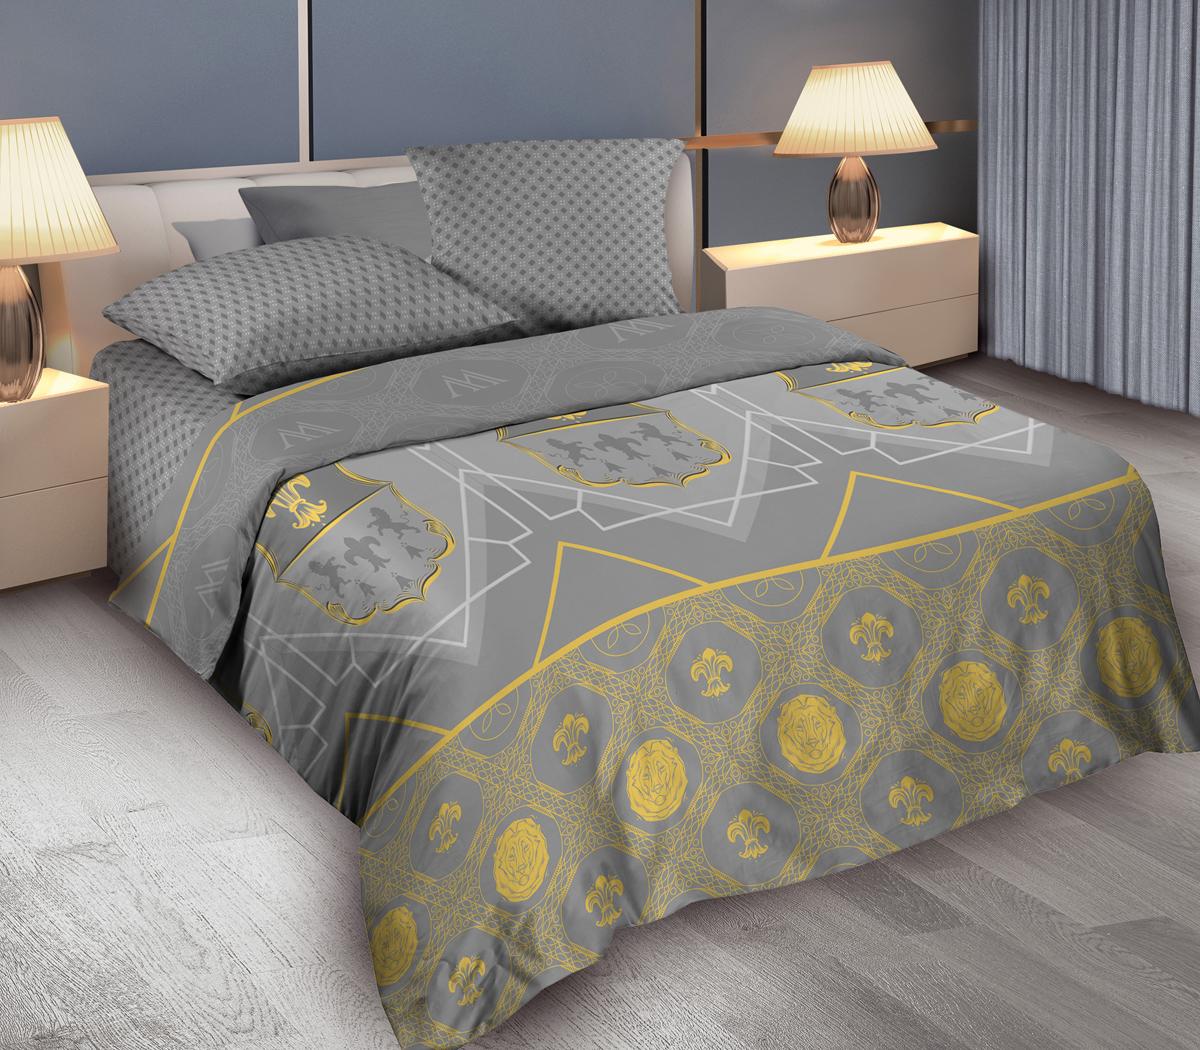 Комплект белья Wenge King Arthyr, 2-спальный, наволочки 70x70, цвет: серый364980